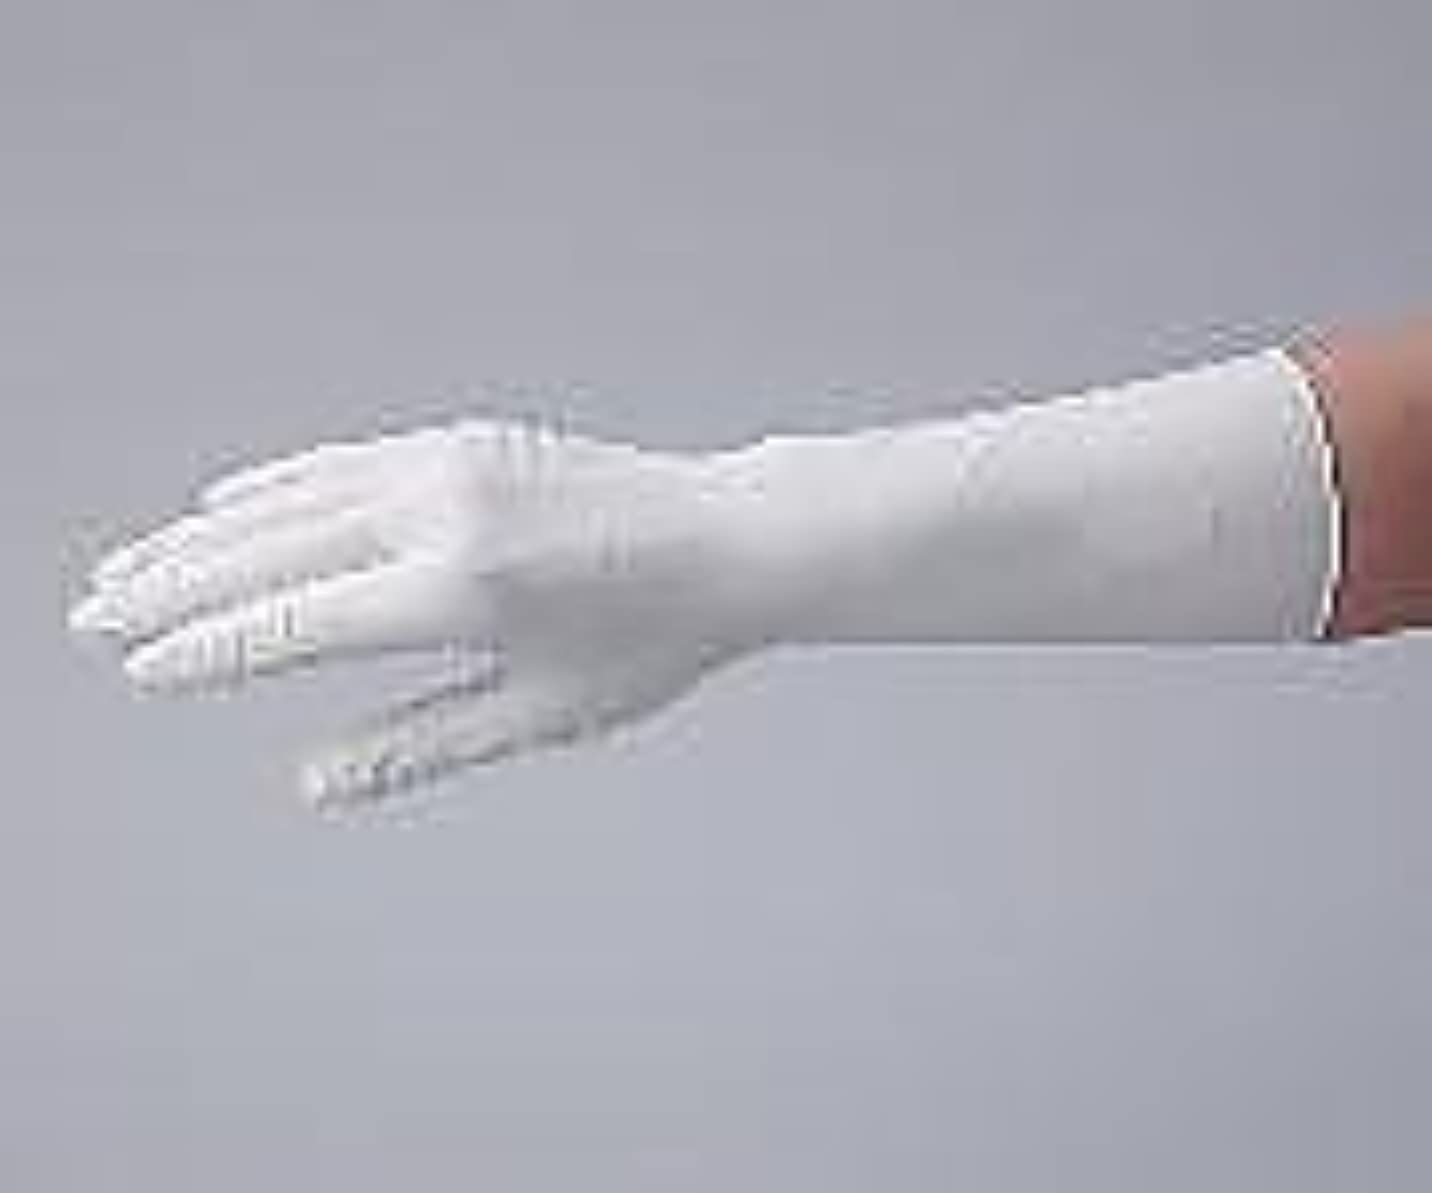 アズピュア(アズワン)1-2324-55アズピュアクリーンファーストニトリル手袋(ペアタイプ)クリーンパックXL左右各50枚×10袋入